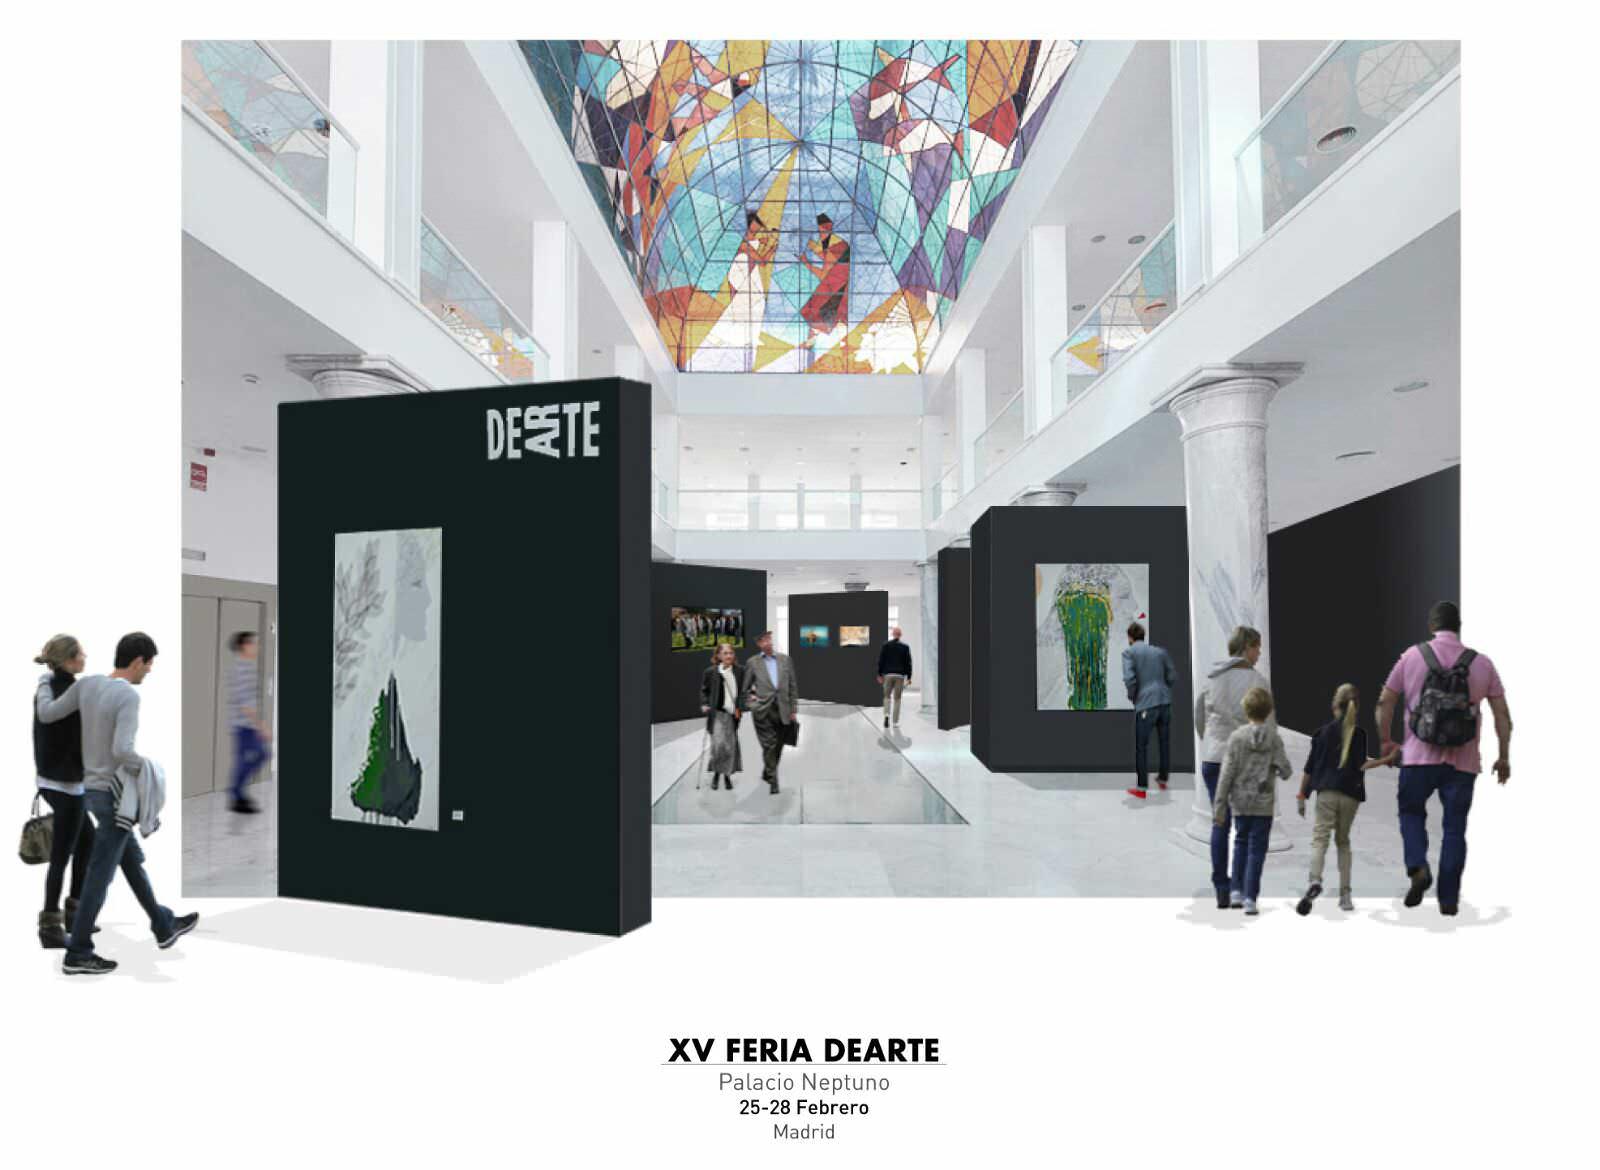 XV Feria DEARTE